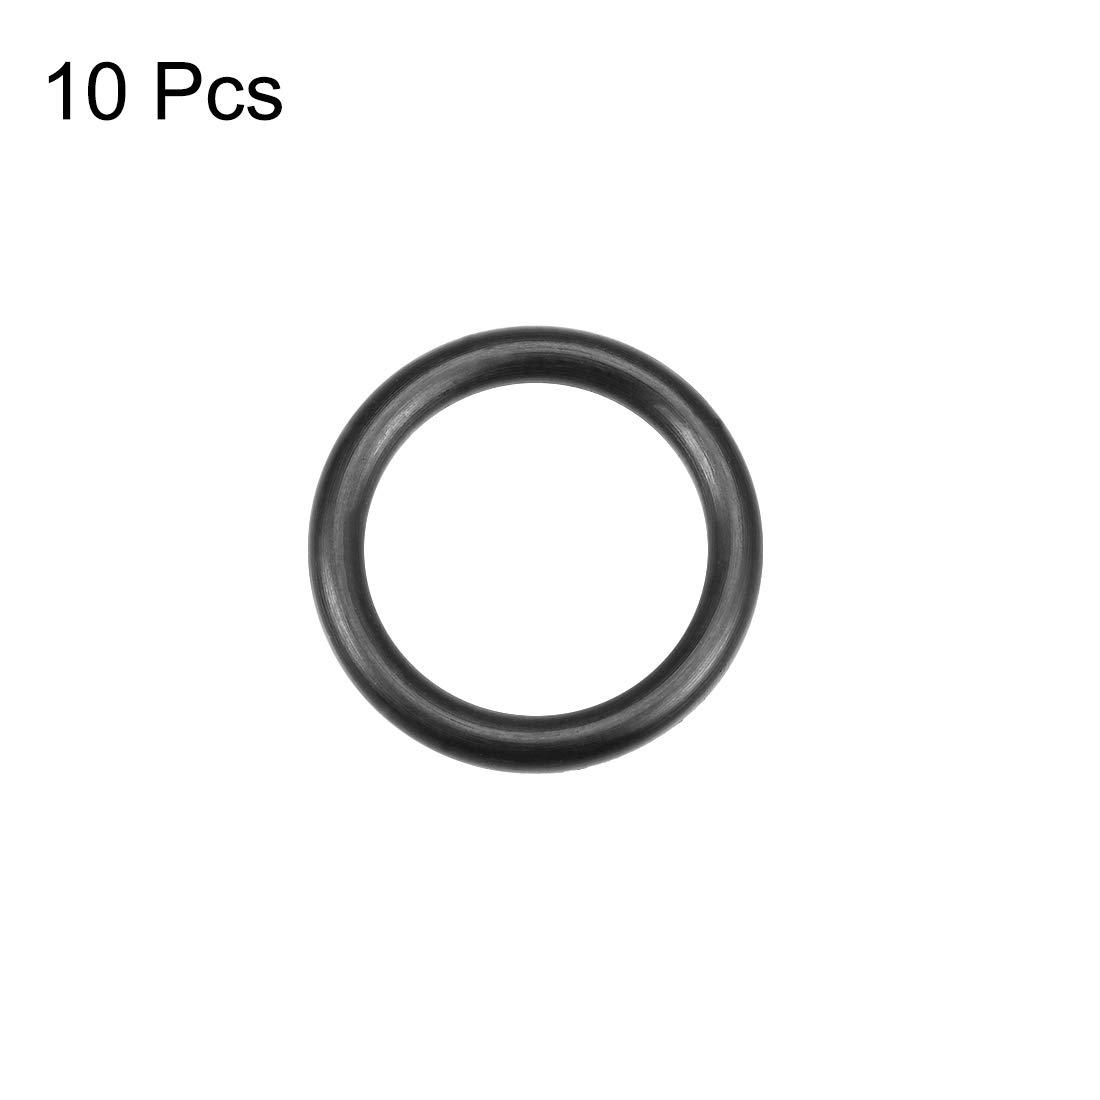 O-Ringe Nitrilkautschuk 6mm-32mm Innendurchmesser 2,5mm Breite Runddichtung 29 mm x 34 mm x 2,5 mm sourcing map 10Stk